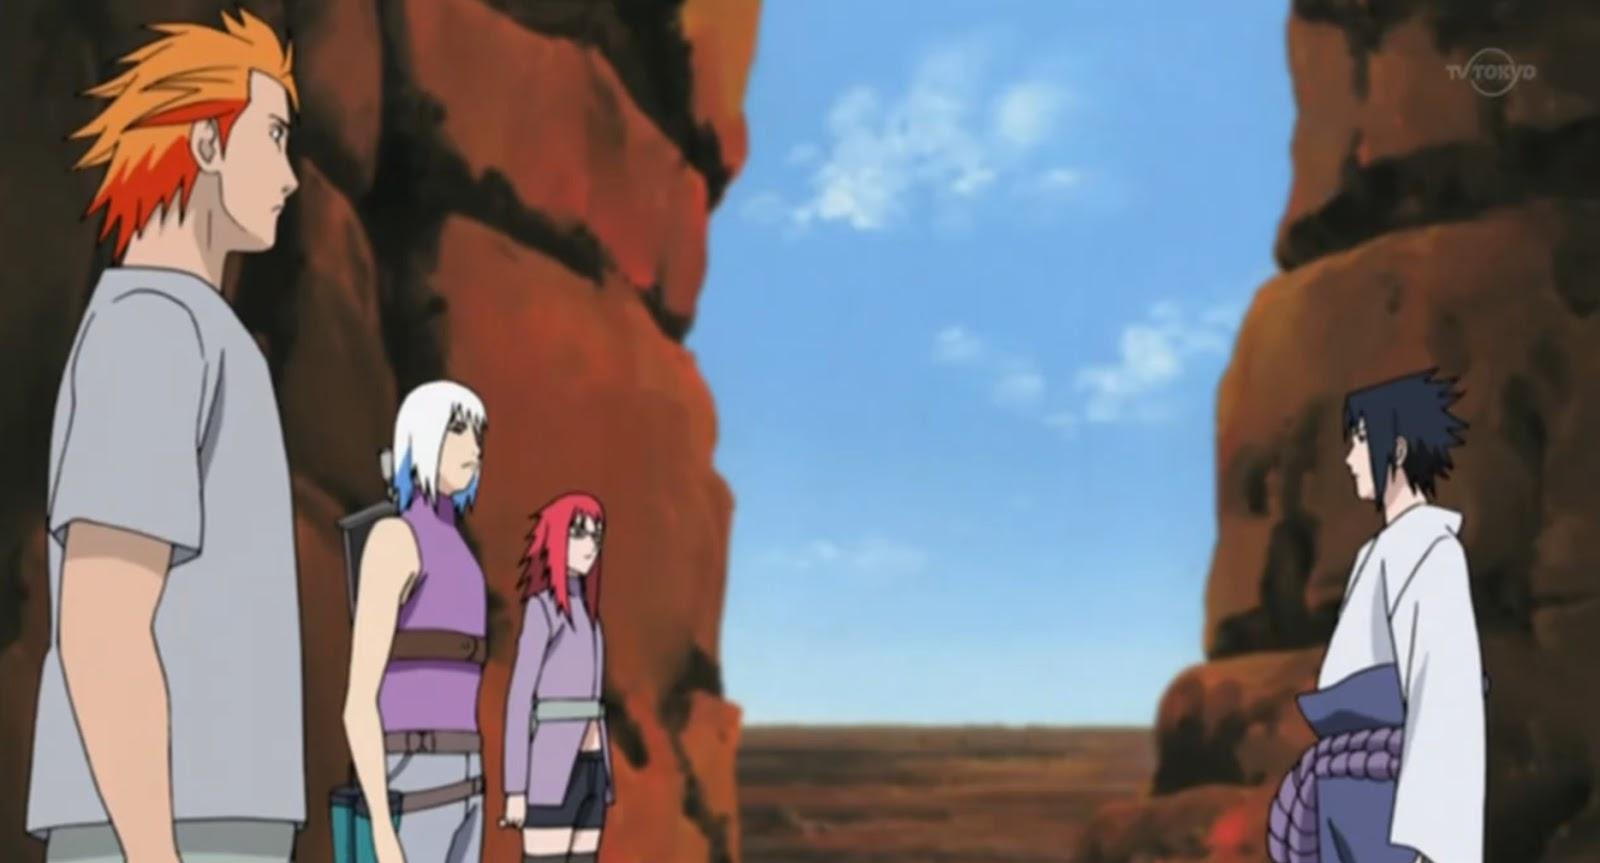 Naruto Shippuden Episódio 118, Naruto Shippuden Episódio 118, Assistir Naruto Shippuden Todos os Episódios Legendado, Naruto Shippuden episódio 118,HD